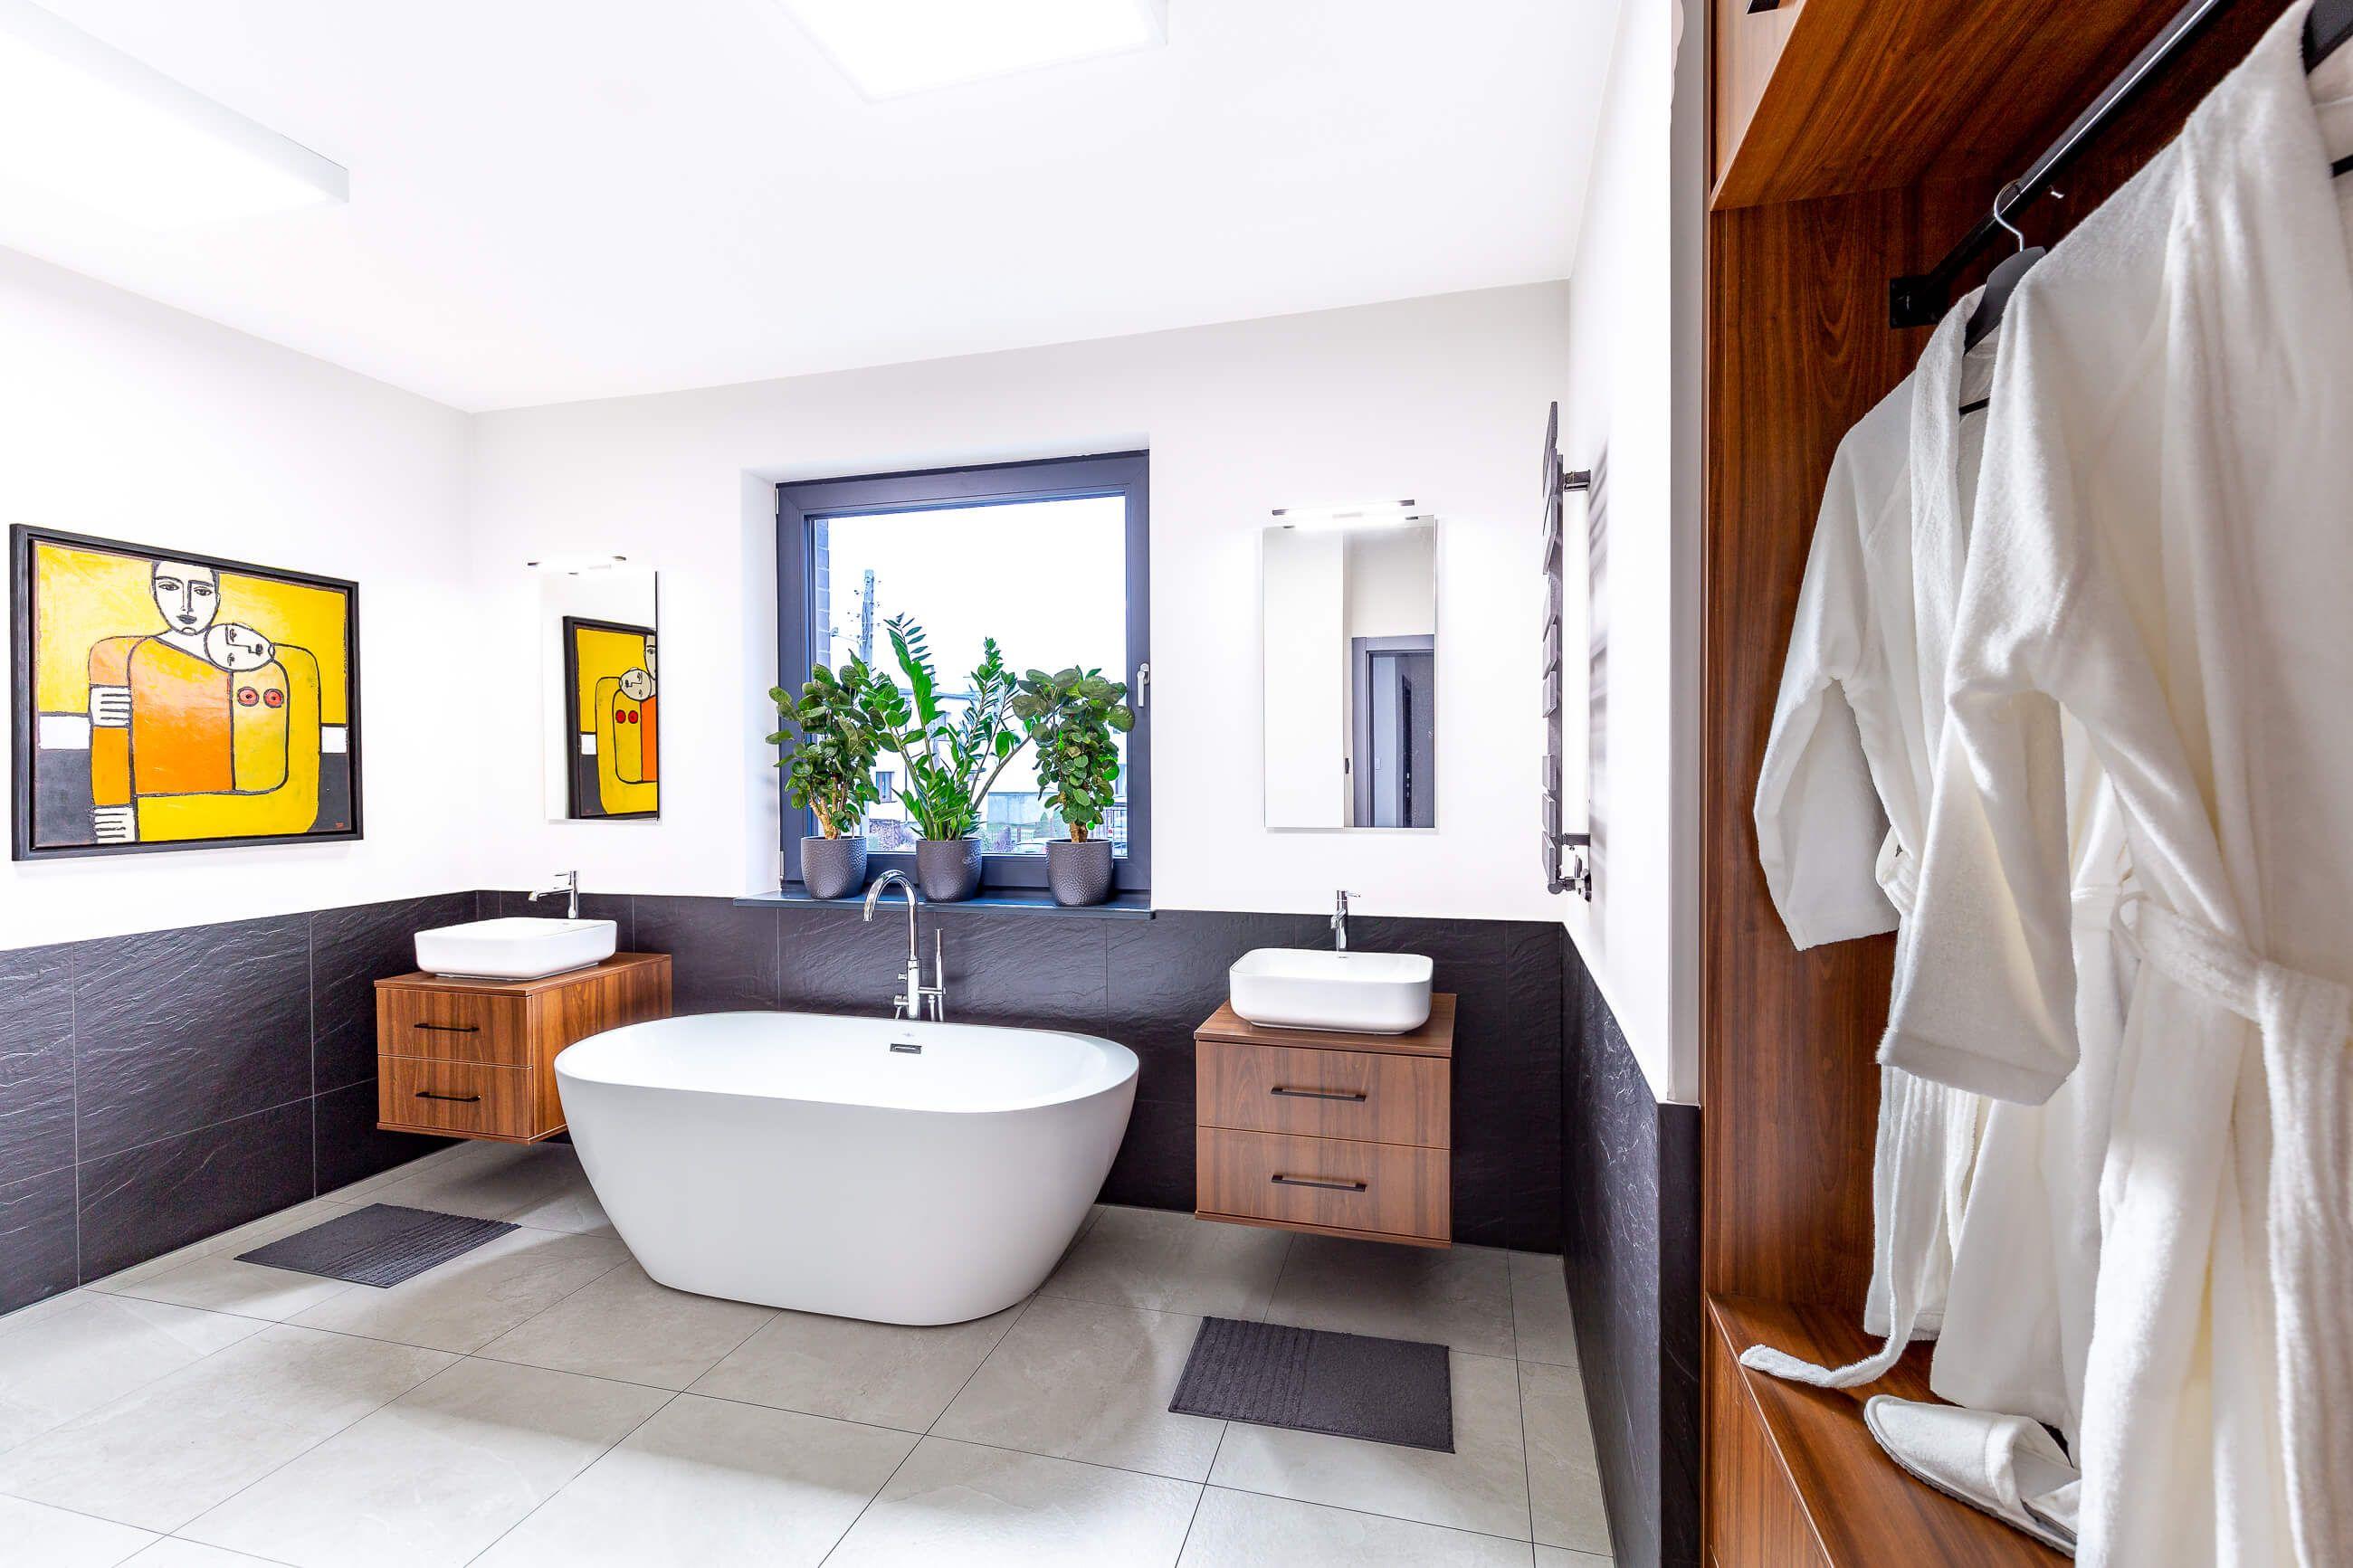 Zdjęcie wnętrza łazienki - sesja w Poznaniu